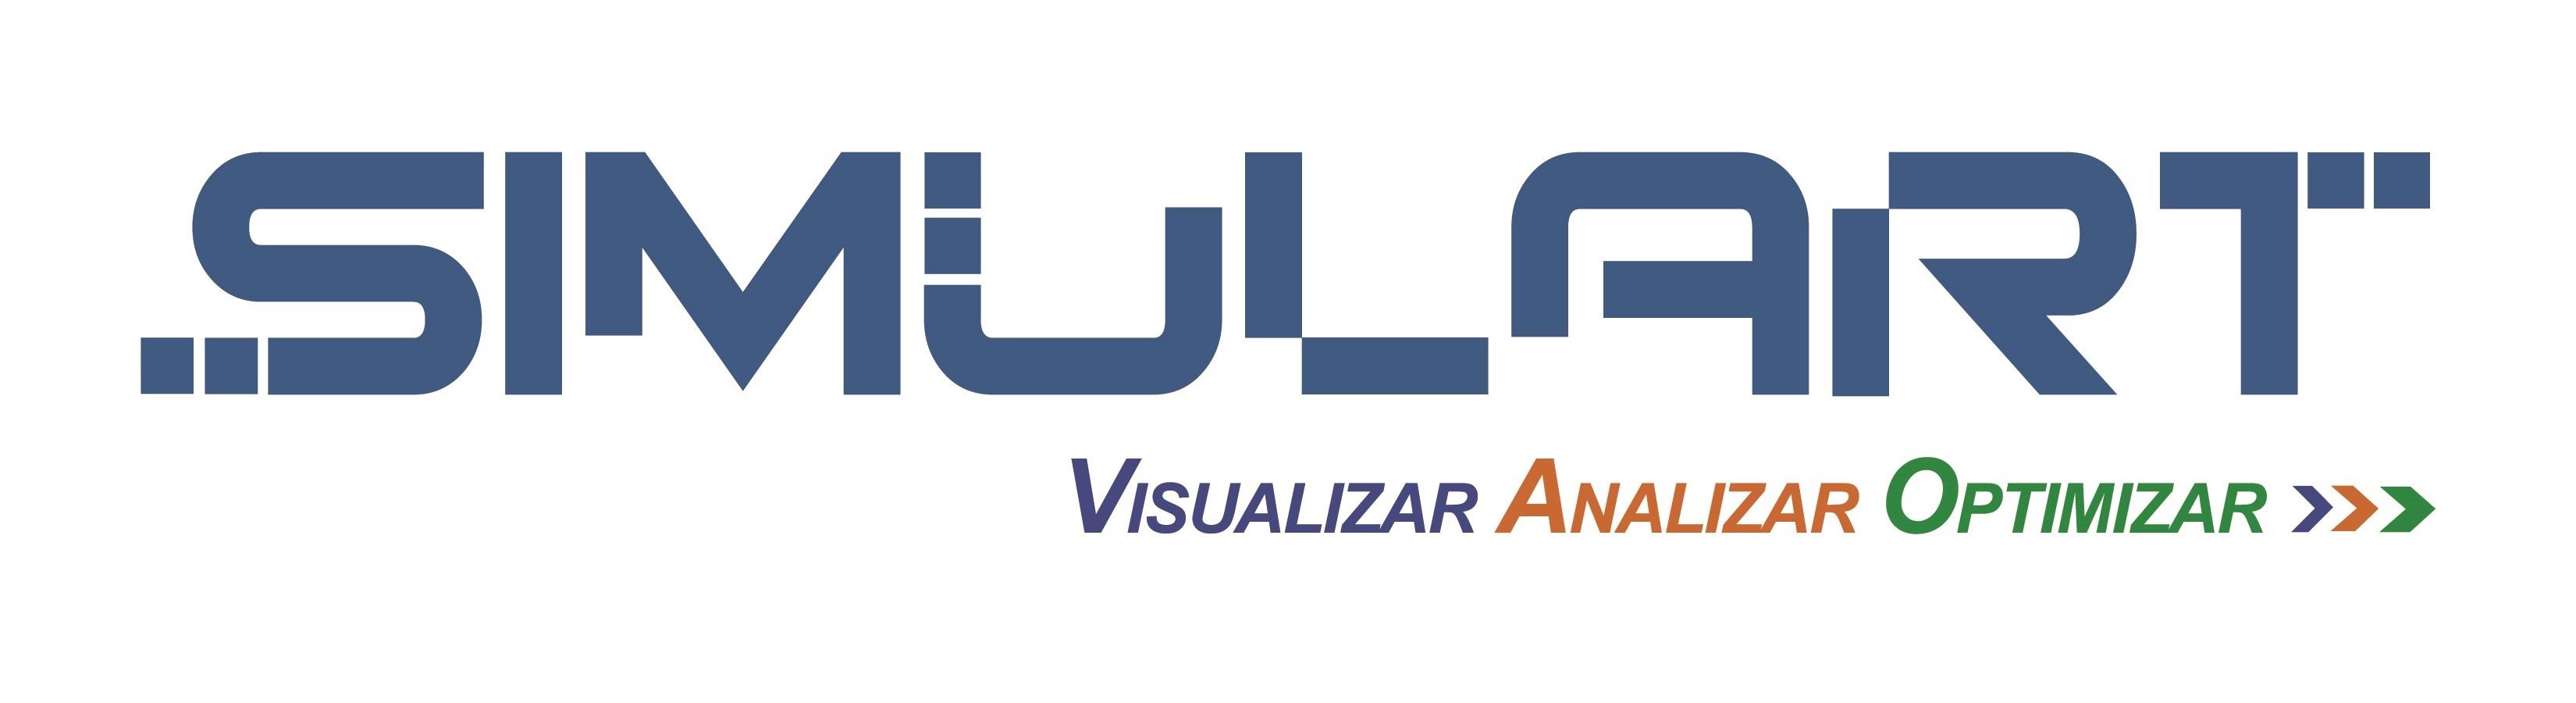 simulart logo jpg